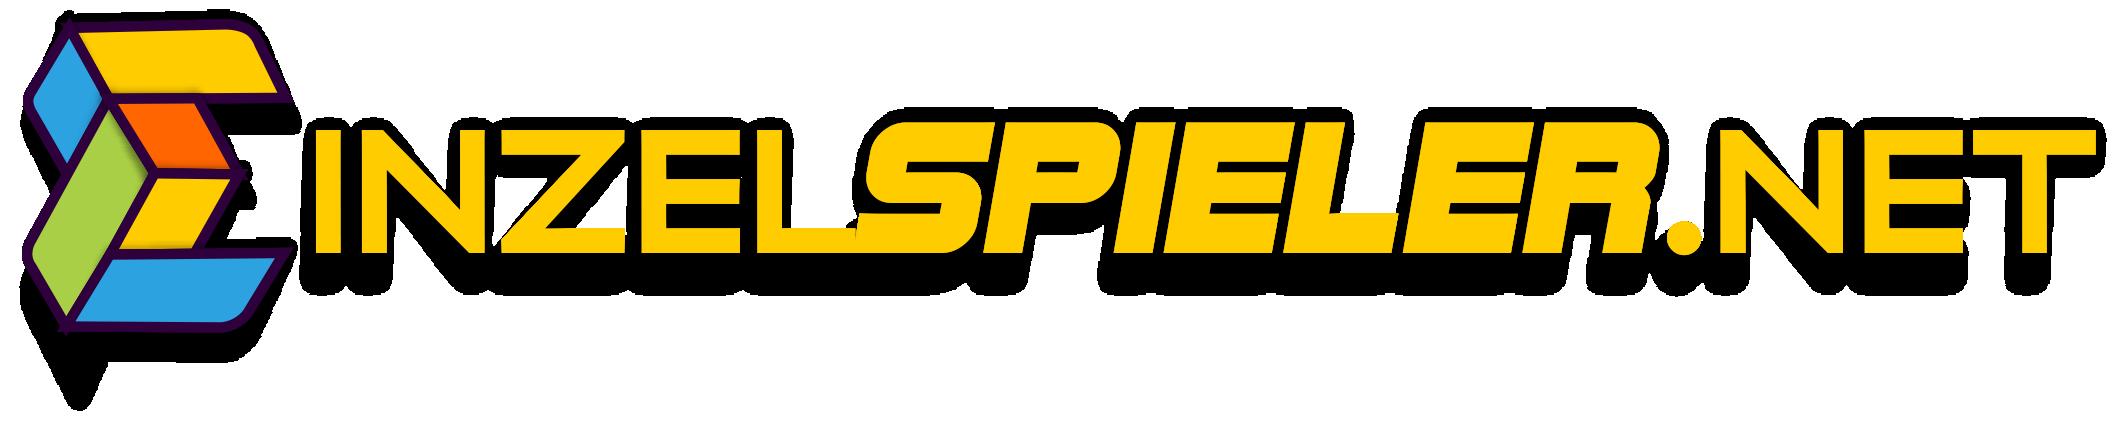 Einzelspieler.net Logo